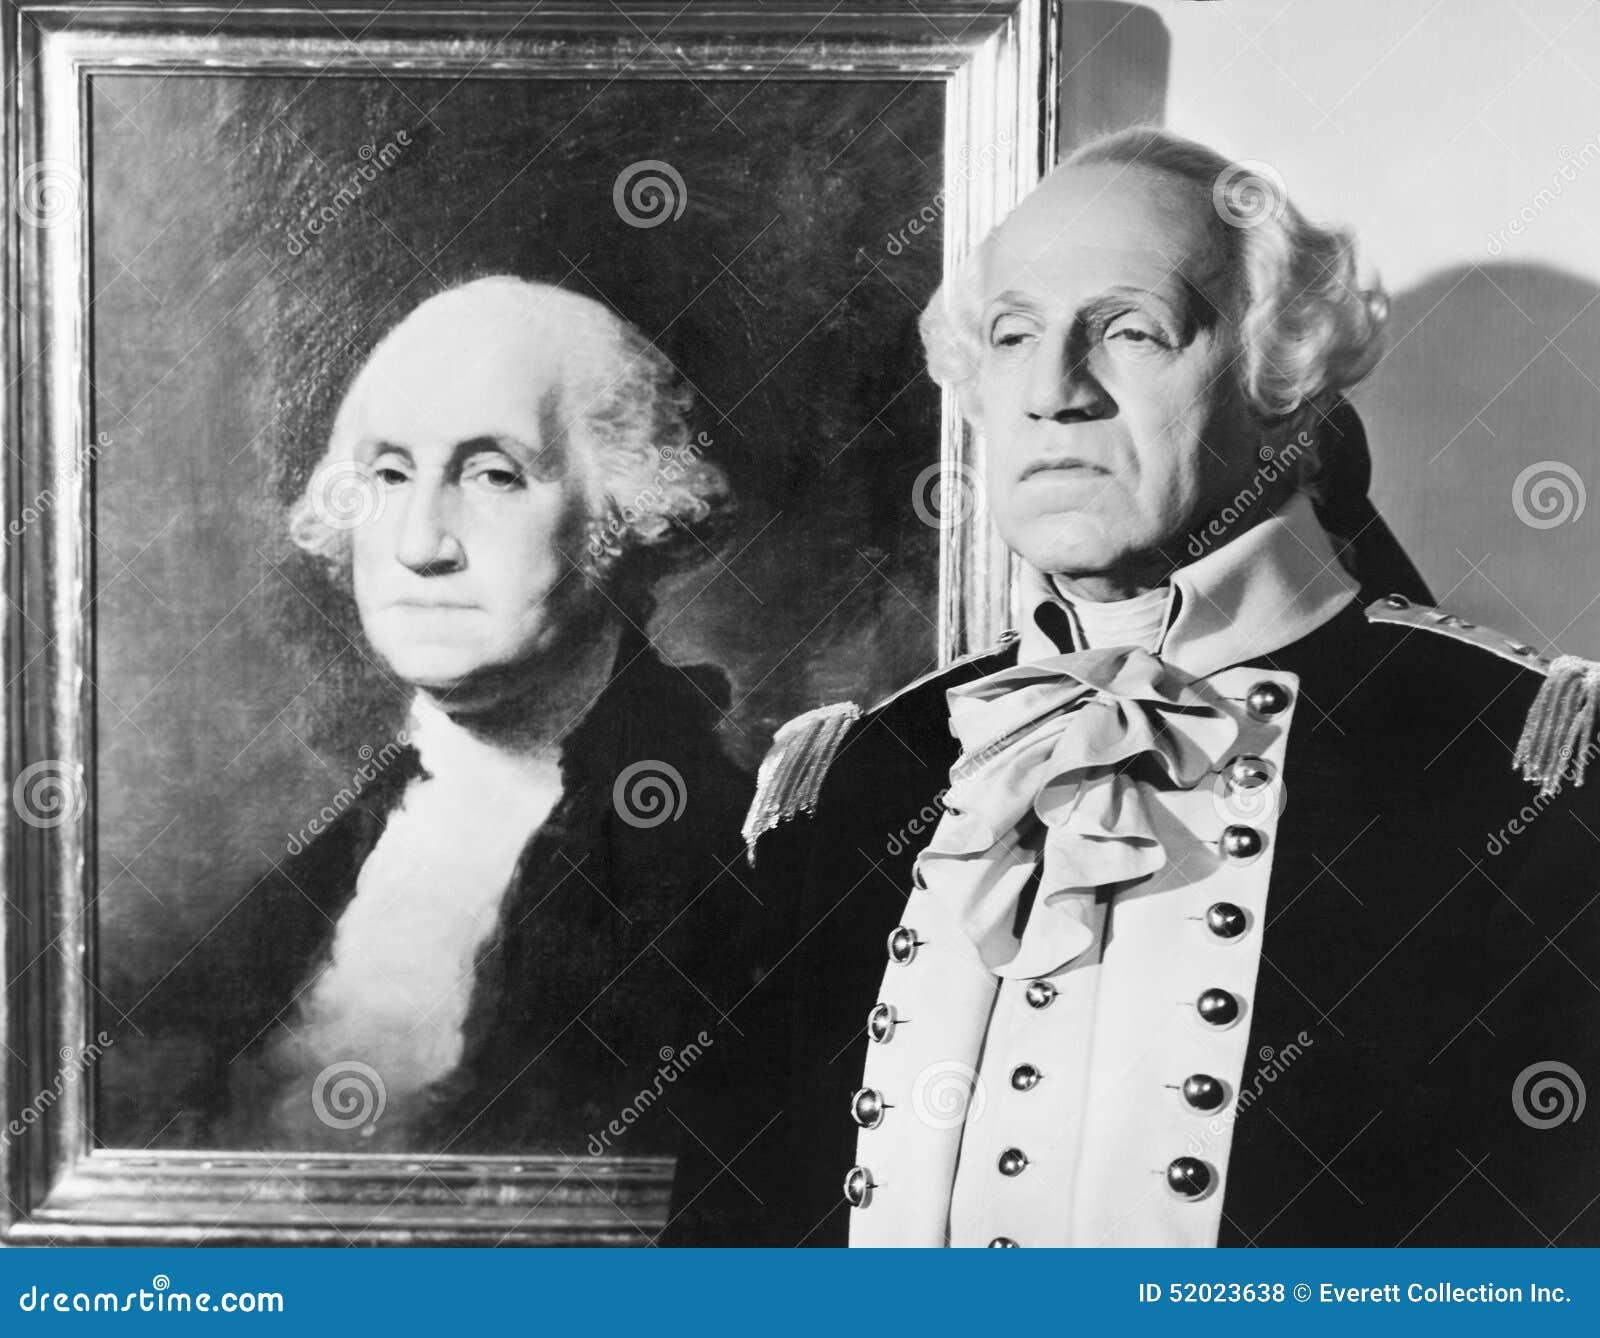 Portrait de George Washington avec un imitateur à côté de l image (toutes les personnes représentées ne sont pas plus long vivant